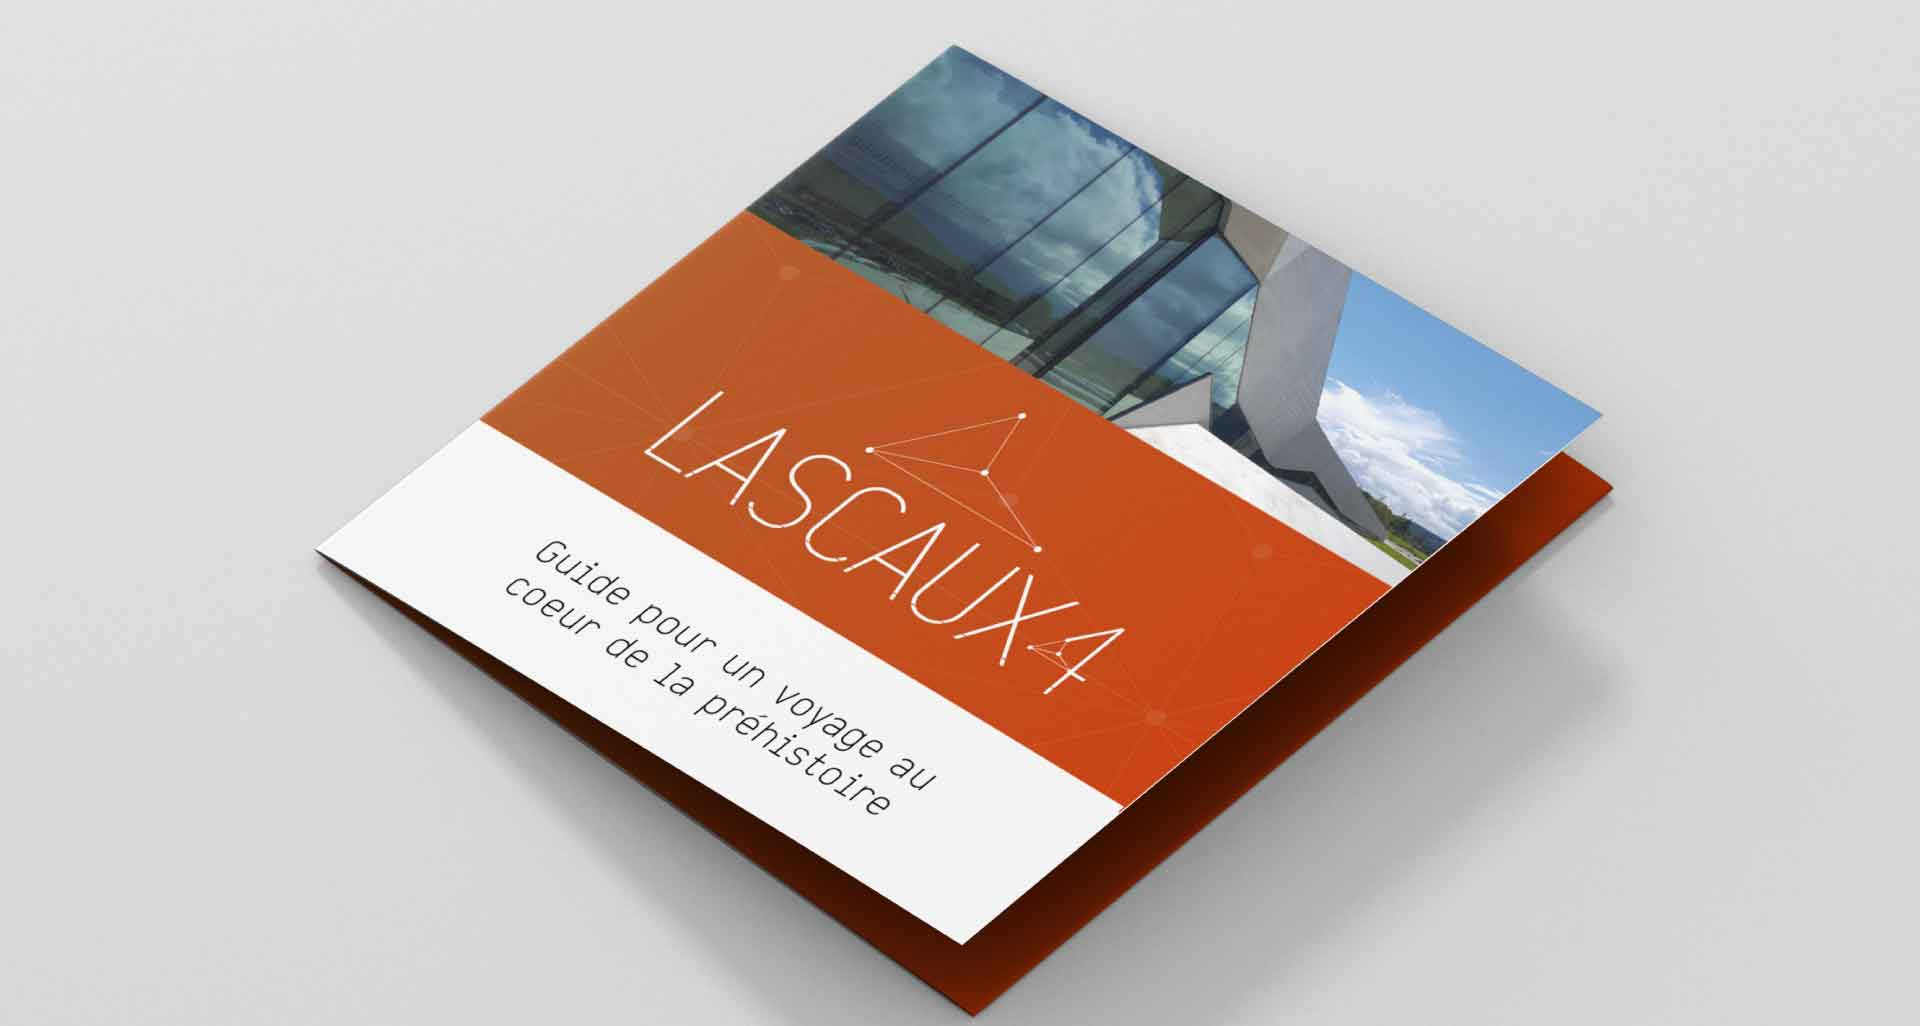 Refonte de l'identité graphique pour Lascaux par l'agence Cassian